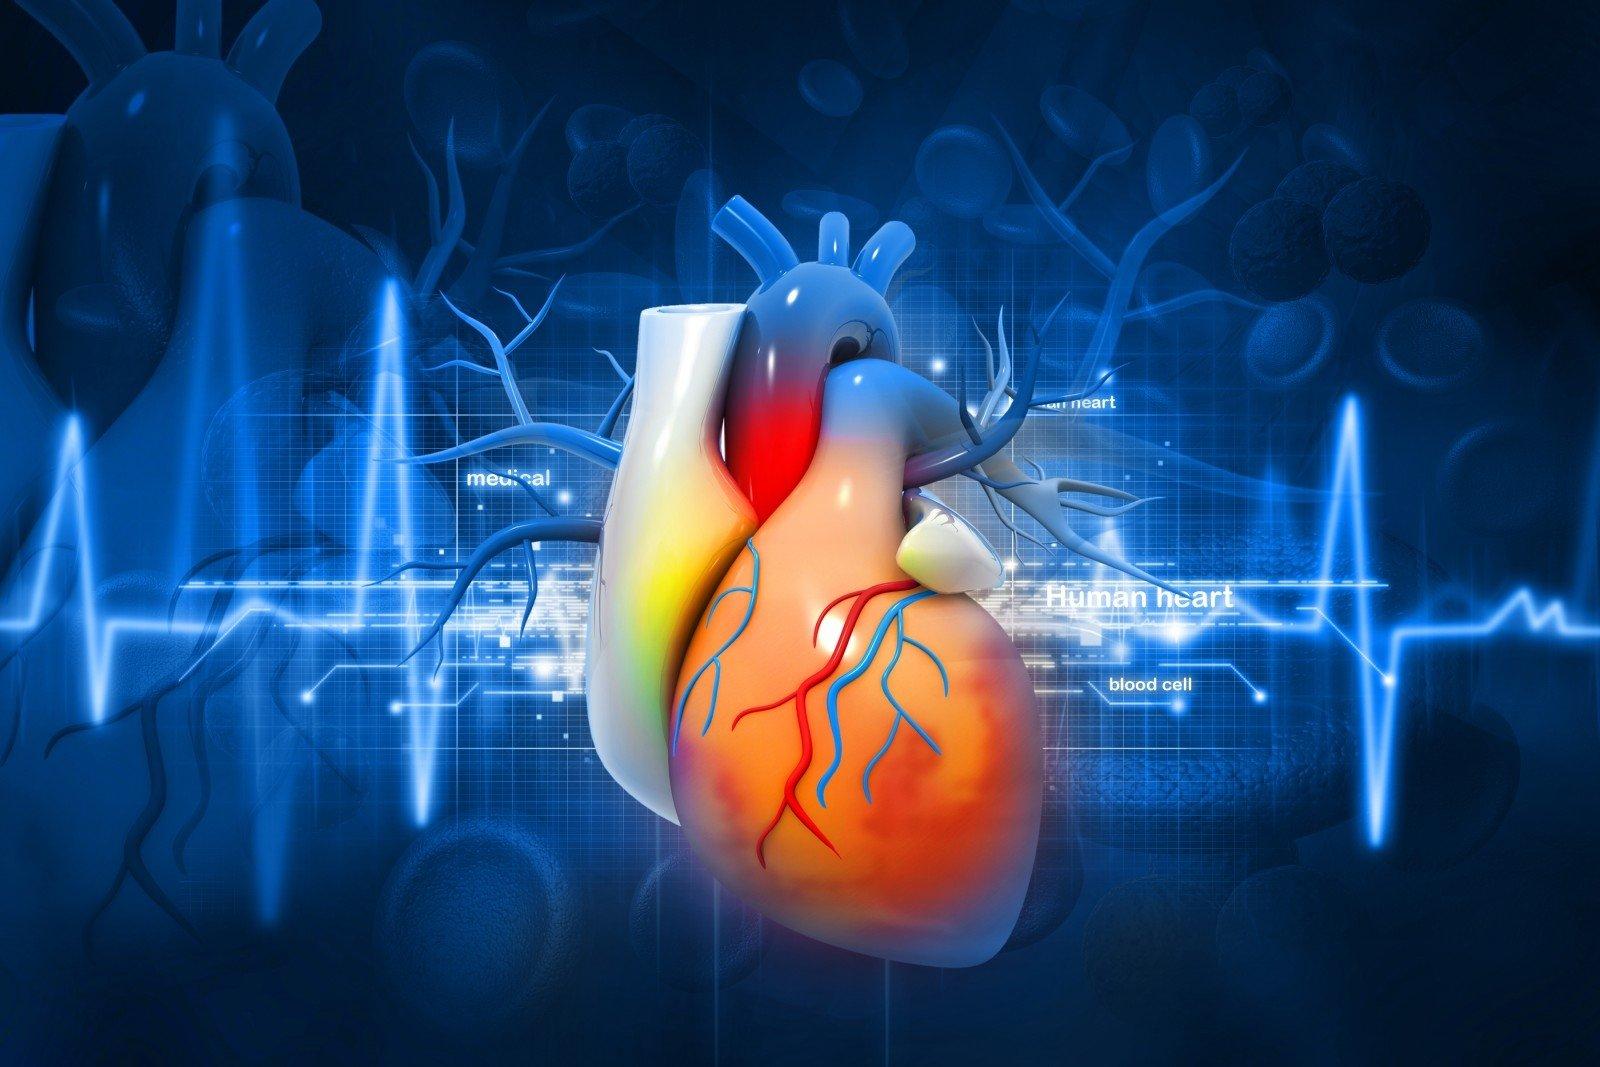 dietos kokso širdies sveikatos reklama